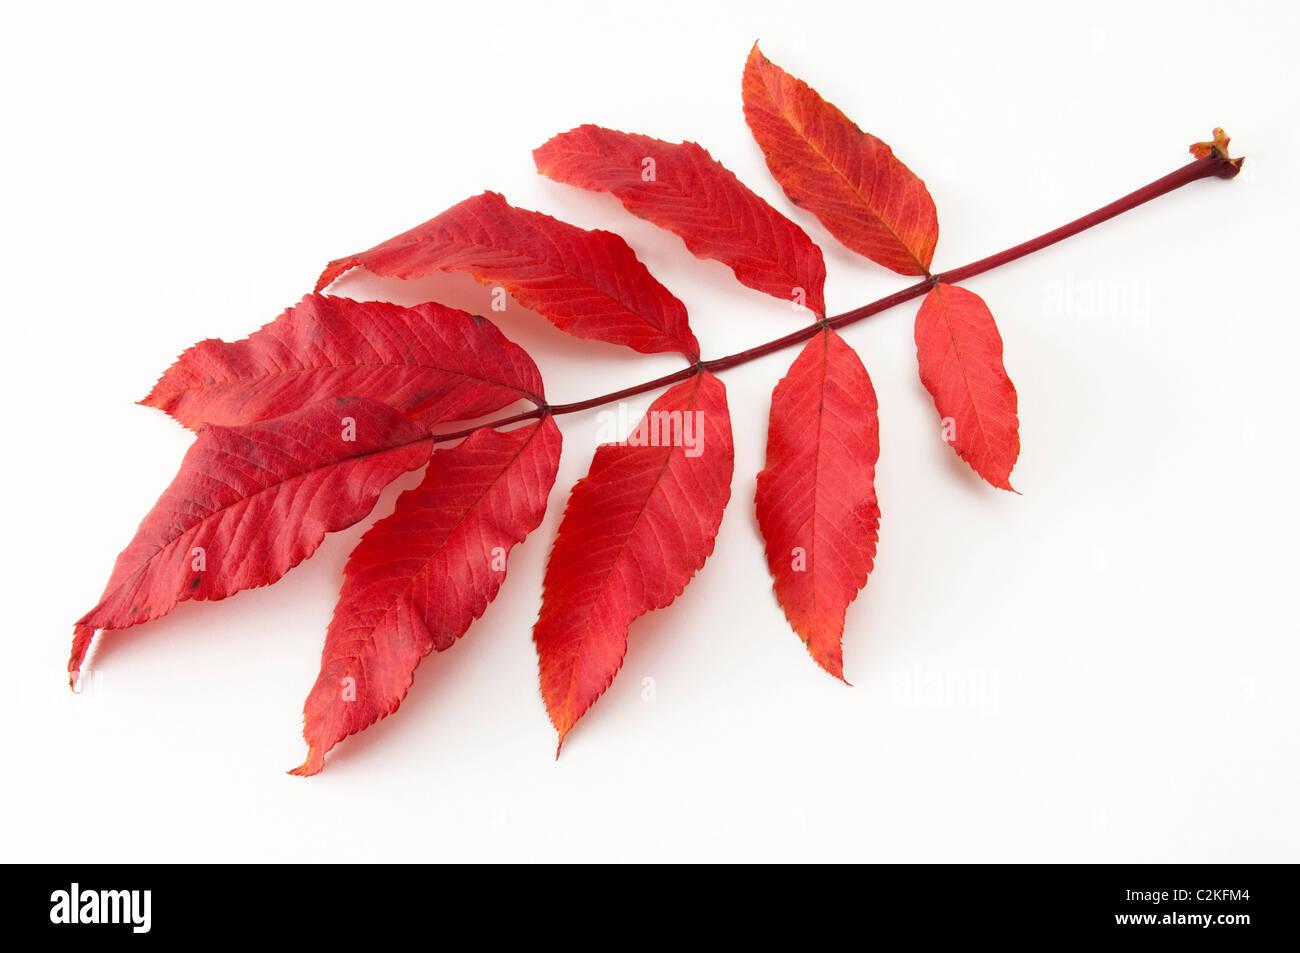 Eberesche (Sorbus Aucuparia), Rowan Herbst Blatt. Studio Bild vor einem weißen Hintergrund. Stockbild